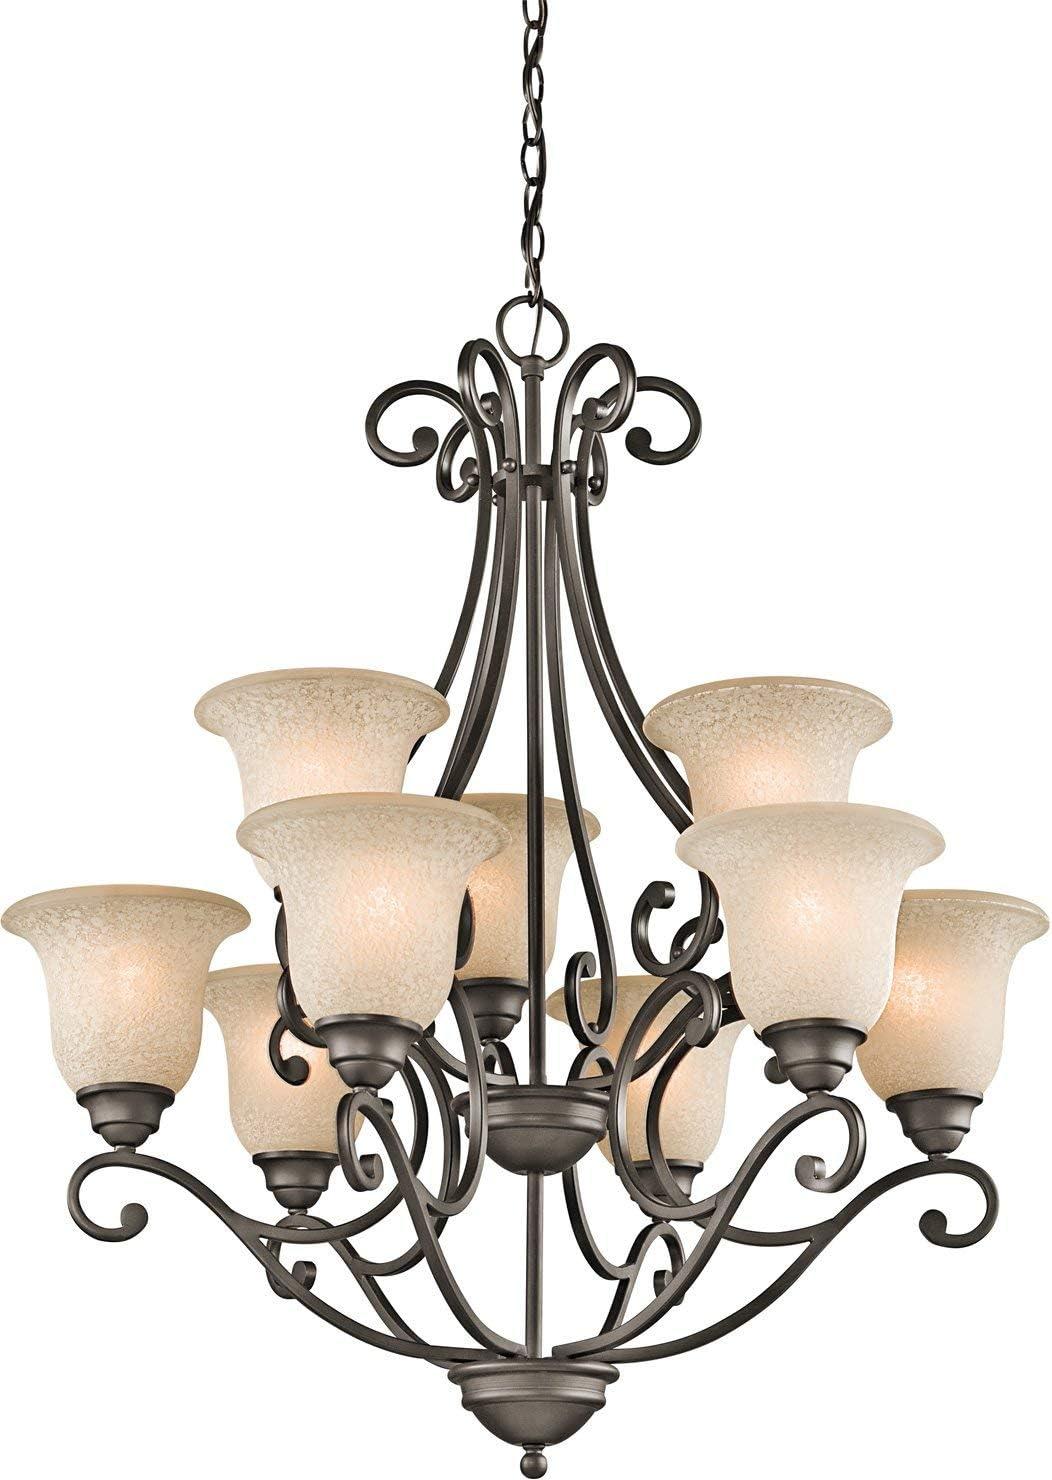 Kichler 43226OZ Camerena Large Chandelier Lighting